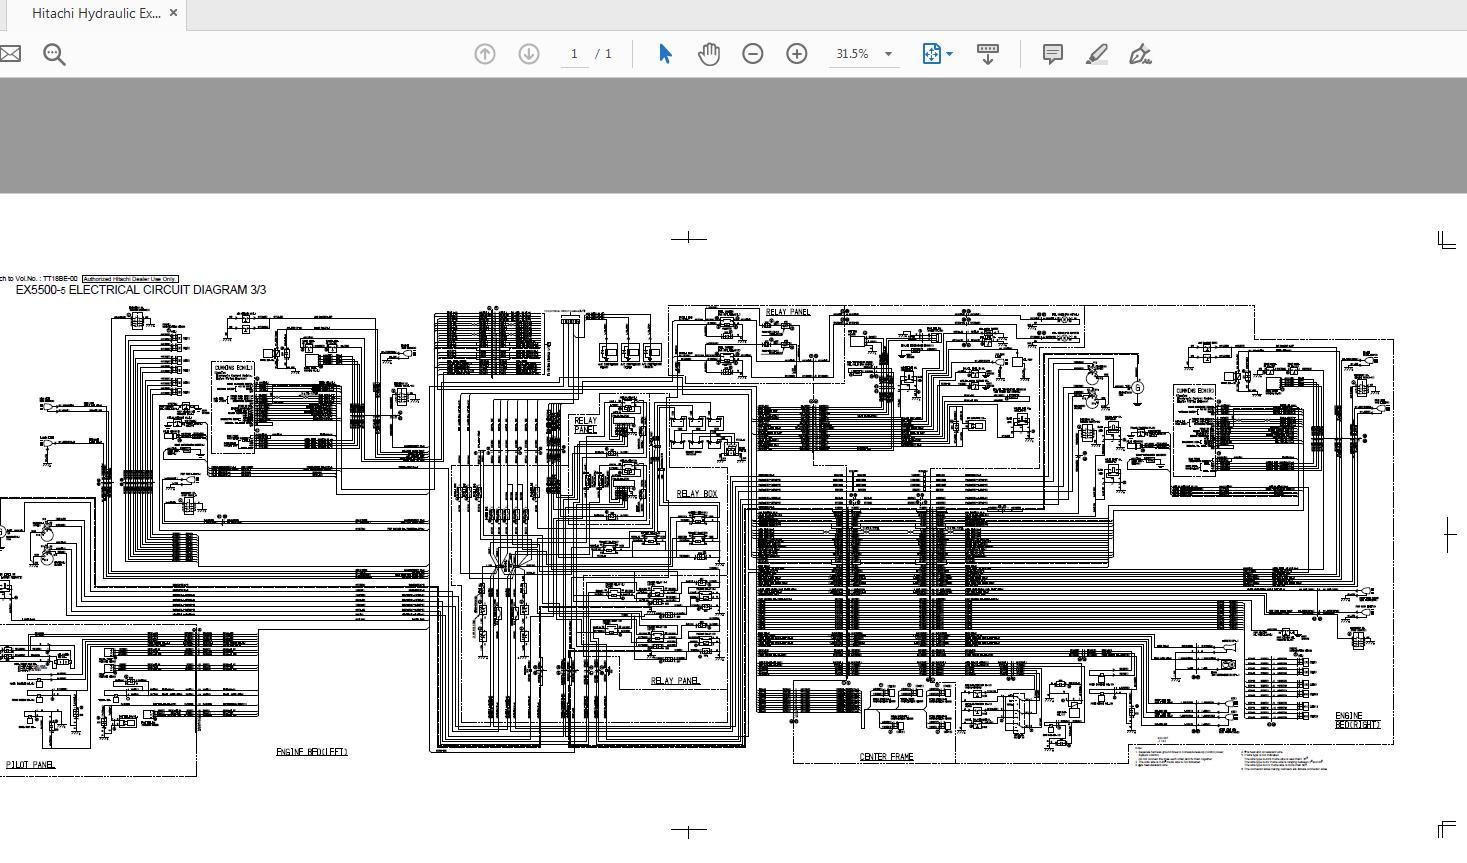 honda ex5500 wiring diagram hitachi hydraulic excavator ex5500 5 electrical circuit diagram  hitachi hydraulic excavator ex5500 5